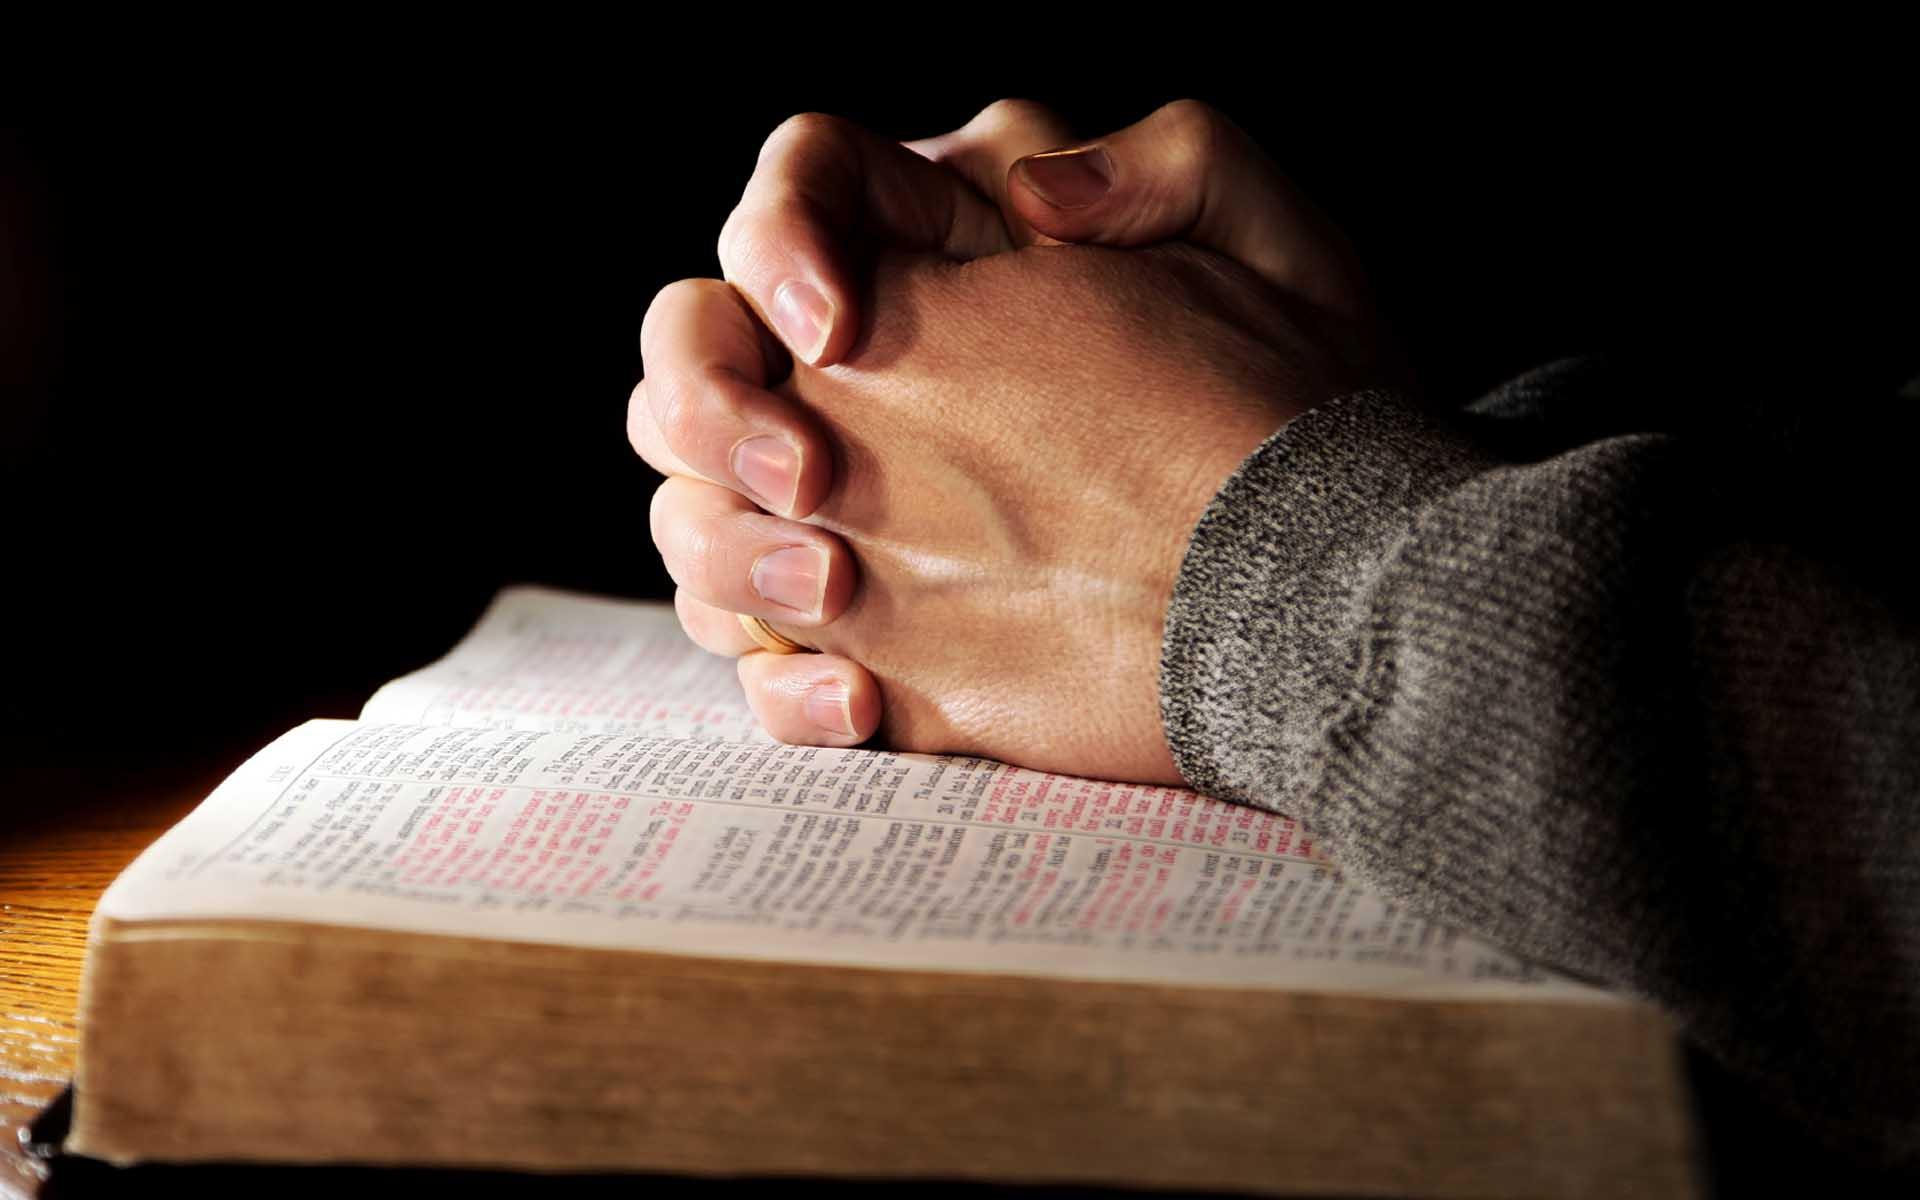 Молитва чтобы быстрее найти хорошую работу